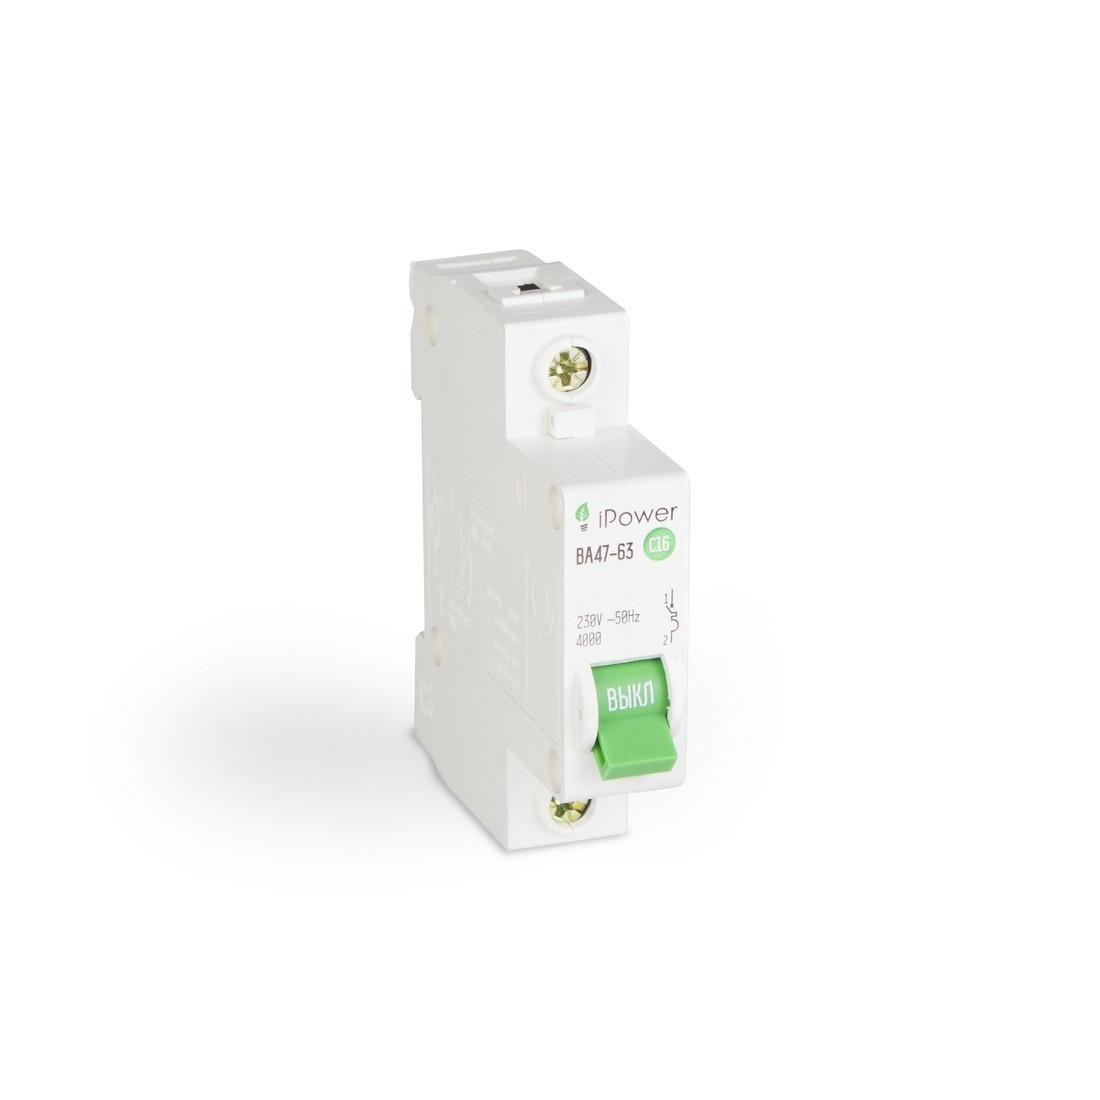 Автоматический выключатель реечный iPower ВА47-63 1Р 50А